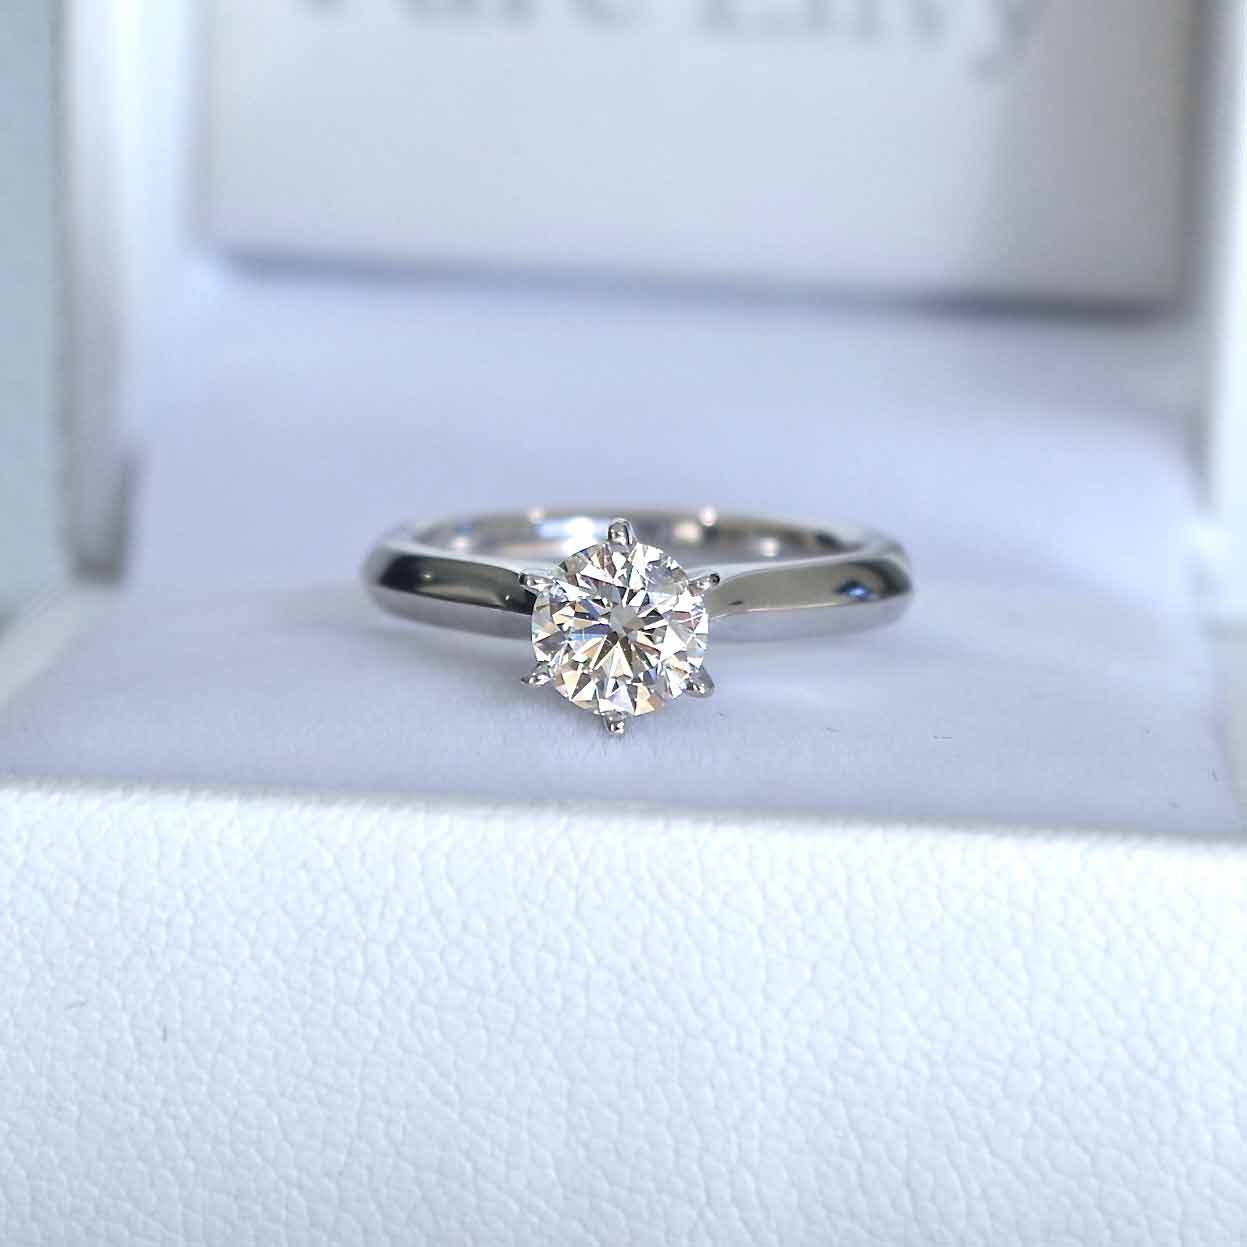 Custom Designed Engagement Rings adelaide australia